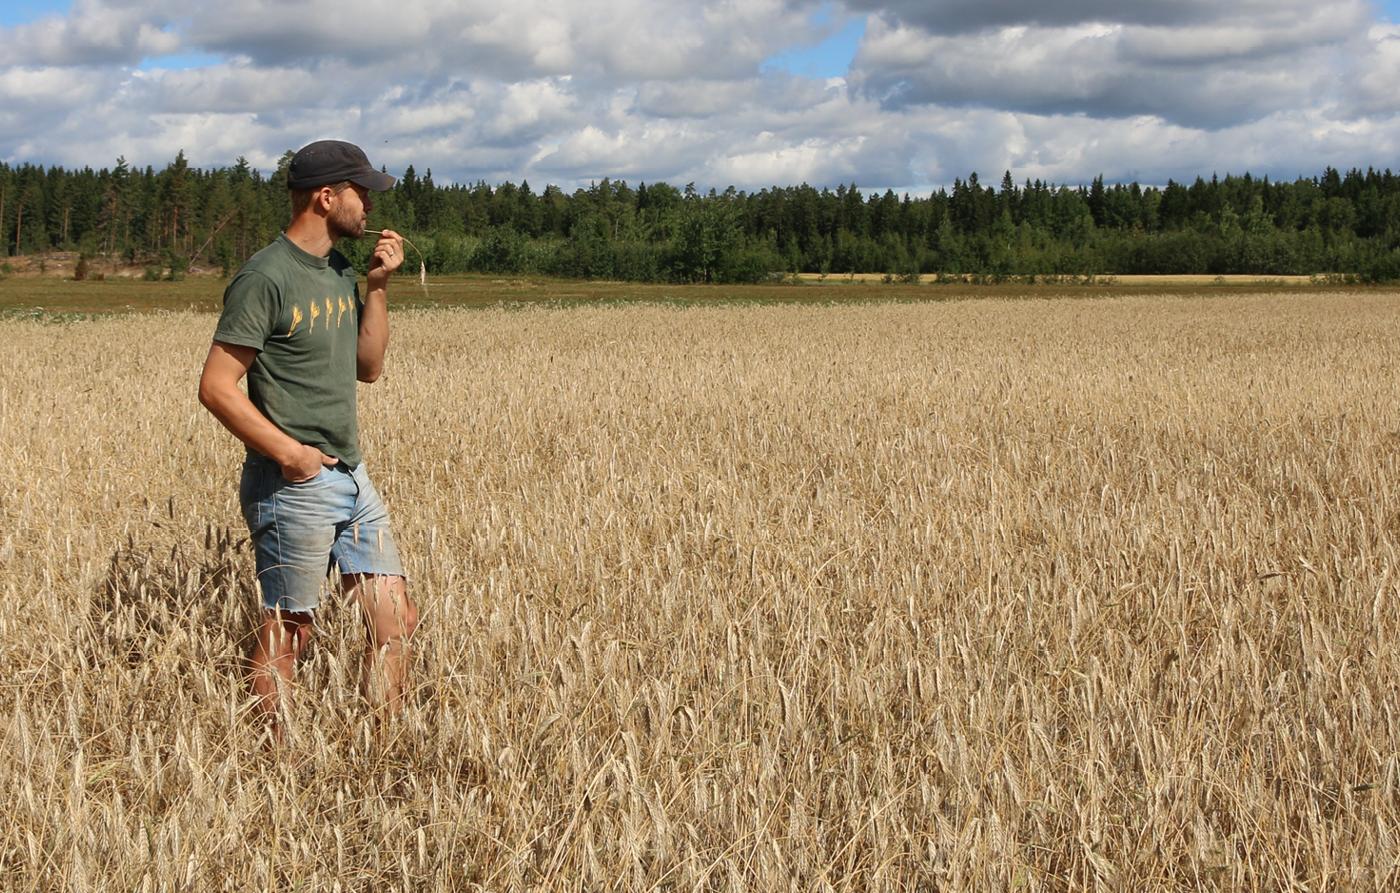 Työnäyte: Mies pellolla - MTK vaikuttavaa viestintää; visuaalinen ja graafinen suunnittelu